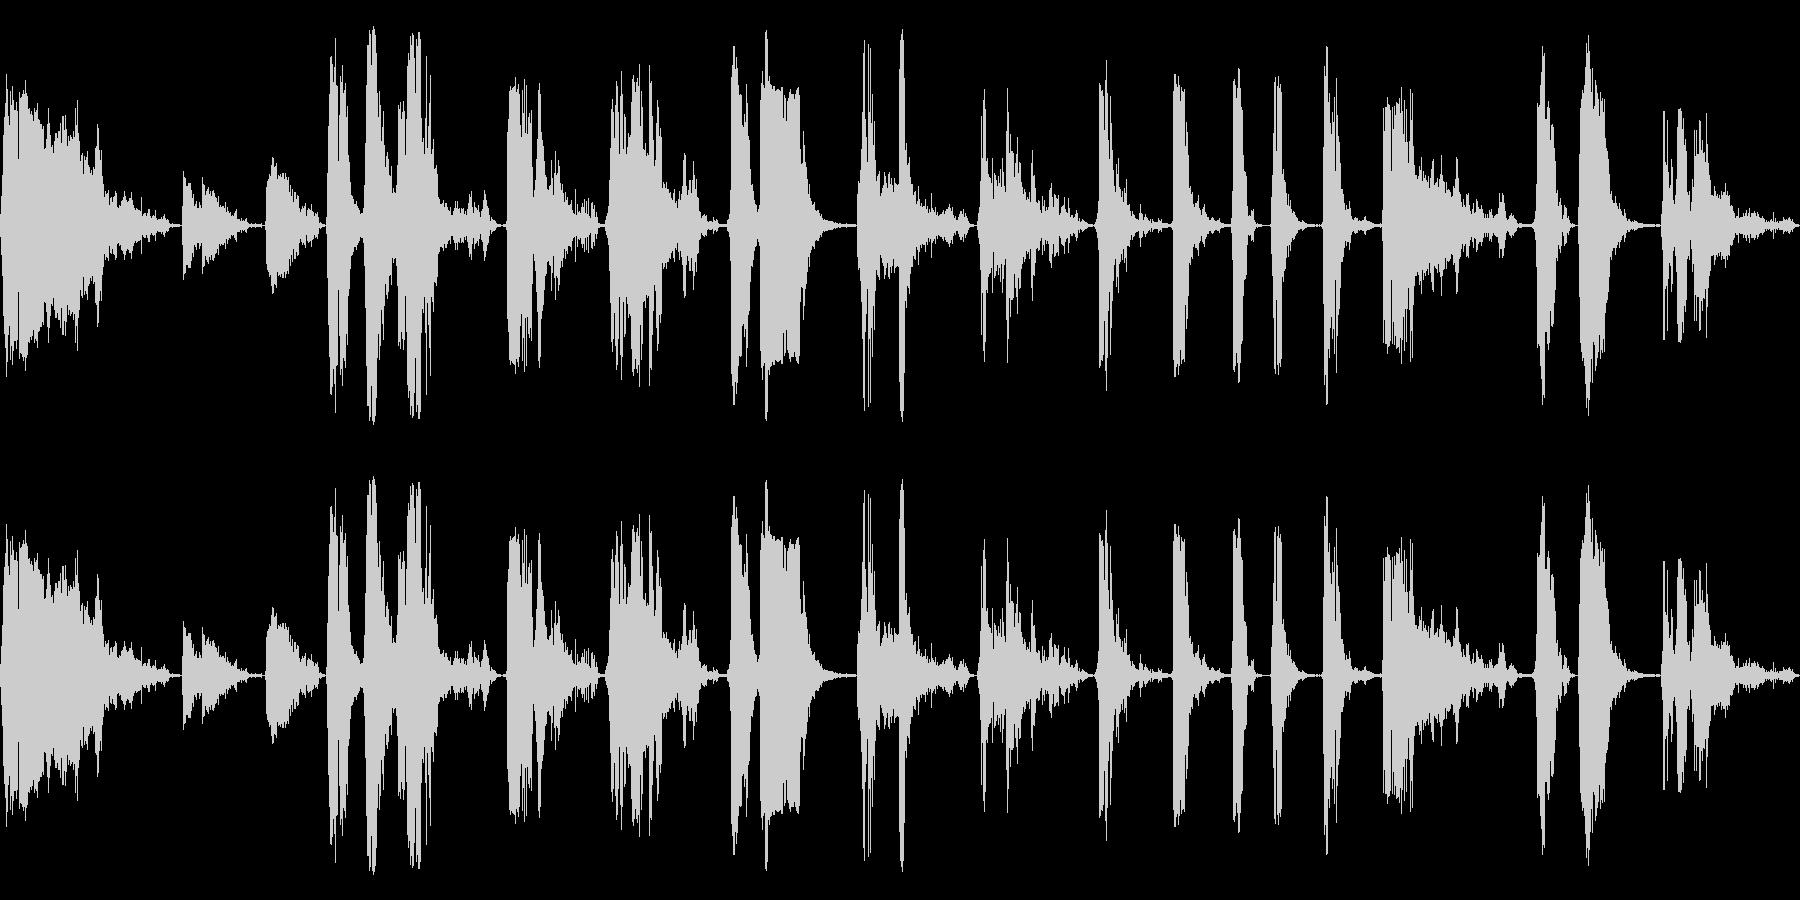 大規模な雷と雷撃、重いゴロゴロ、複...の未再生の波形